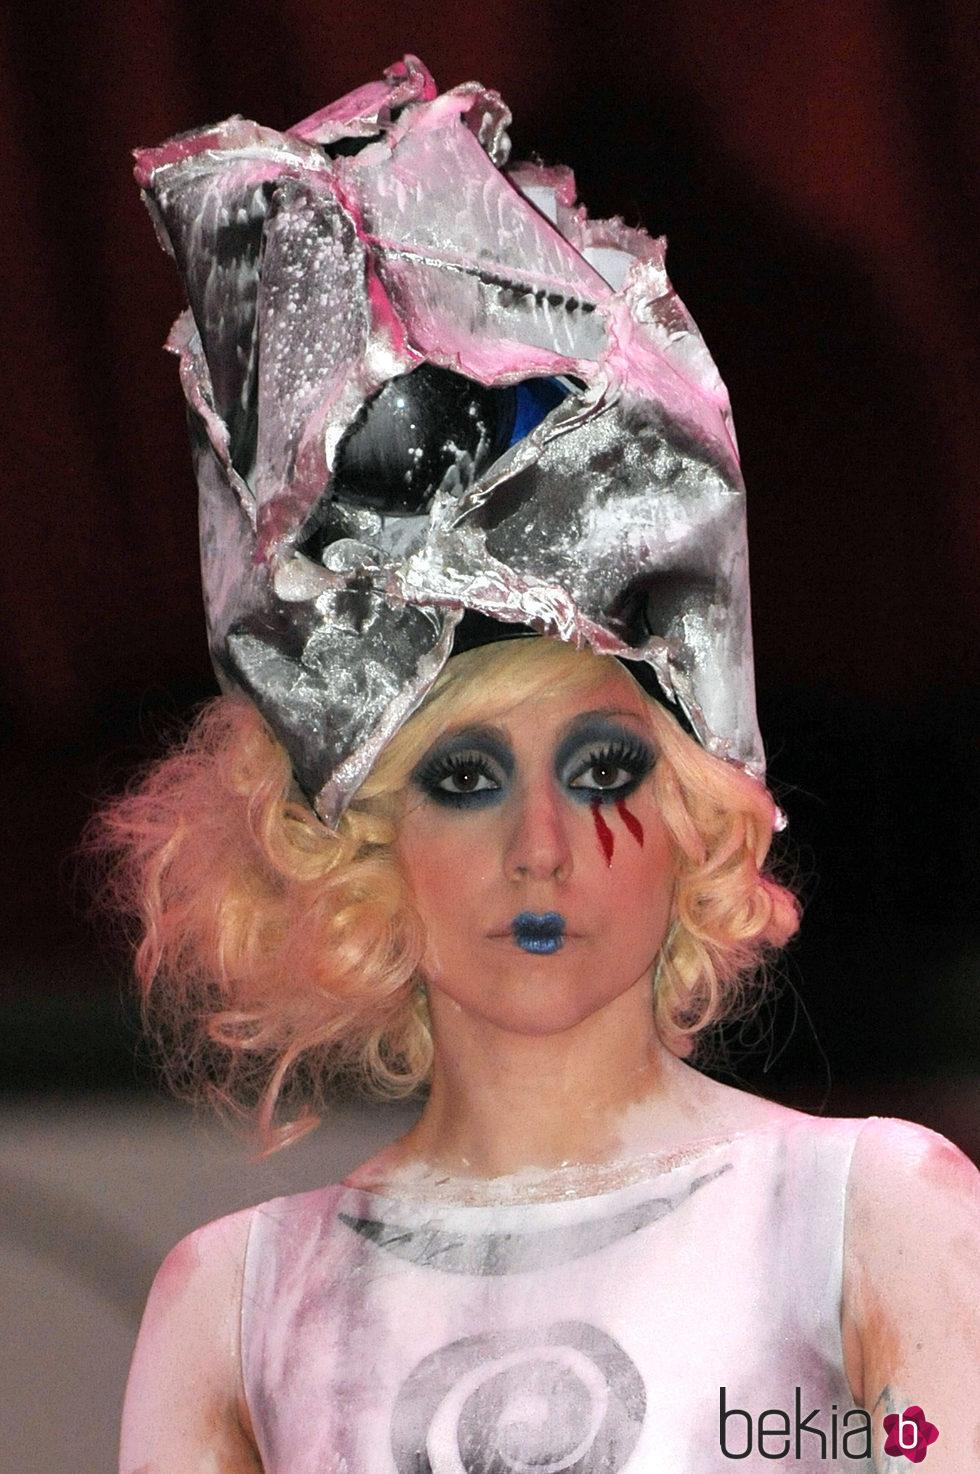 Lady Gaga con sombrero rosa metalizado y lagrimas de sangre